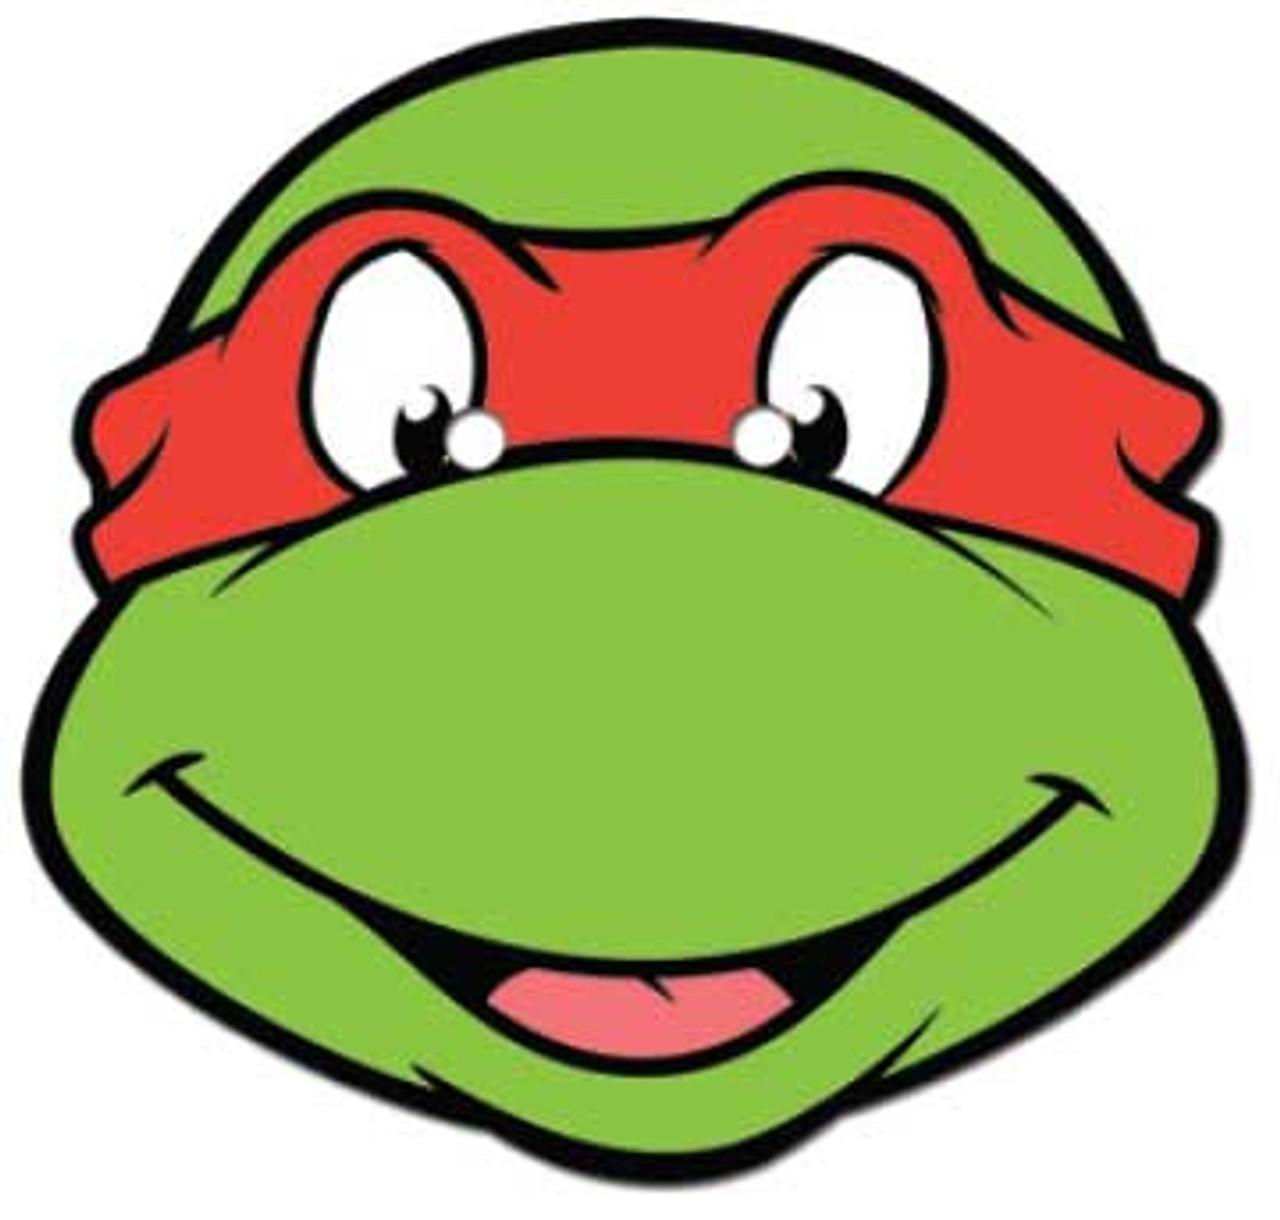 Raphael Teenage Mutant Ninja Turtles Face Mask (SSF0011) buy Star Face  Masks at Starstills.com